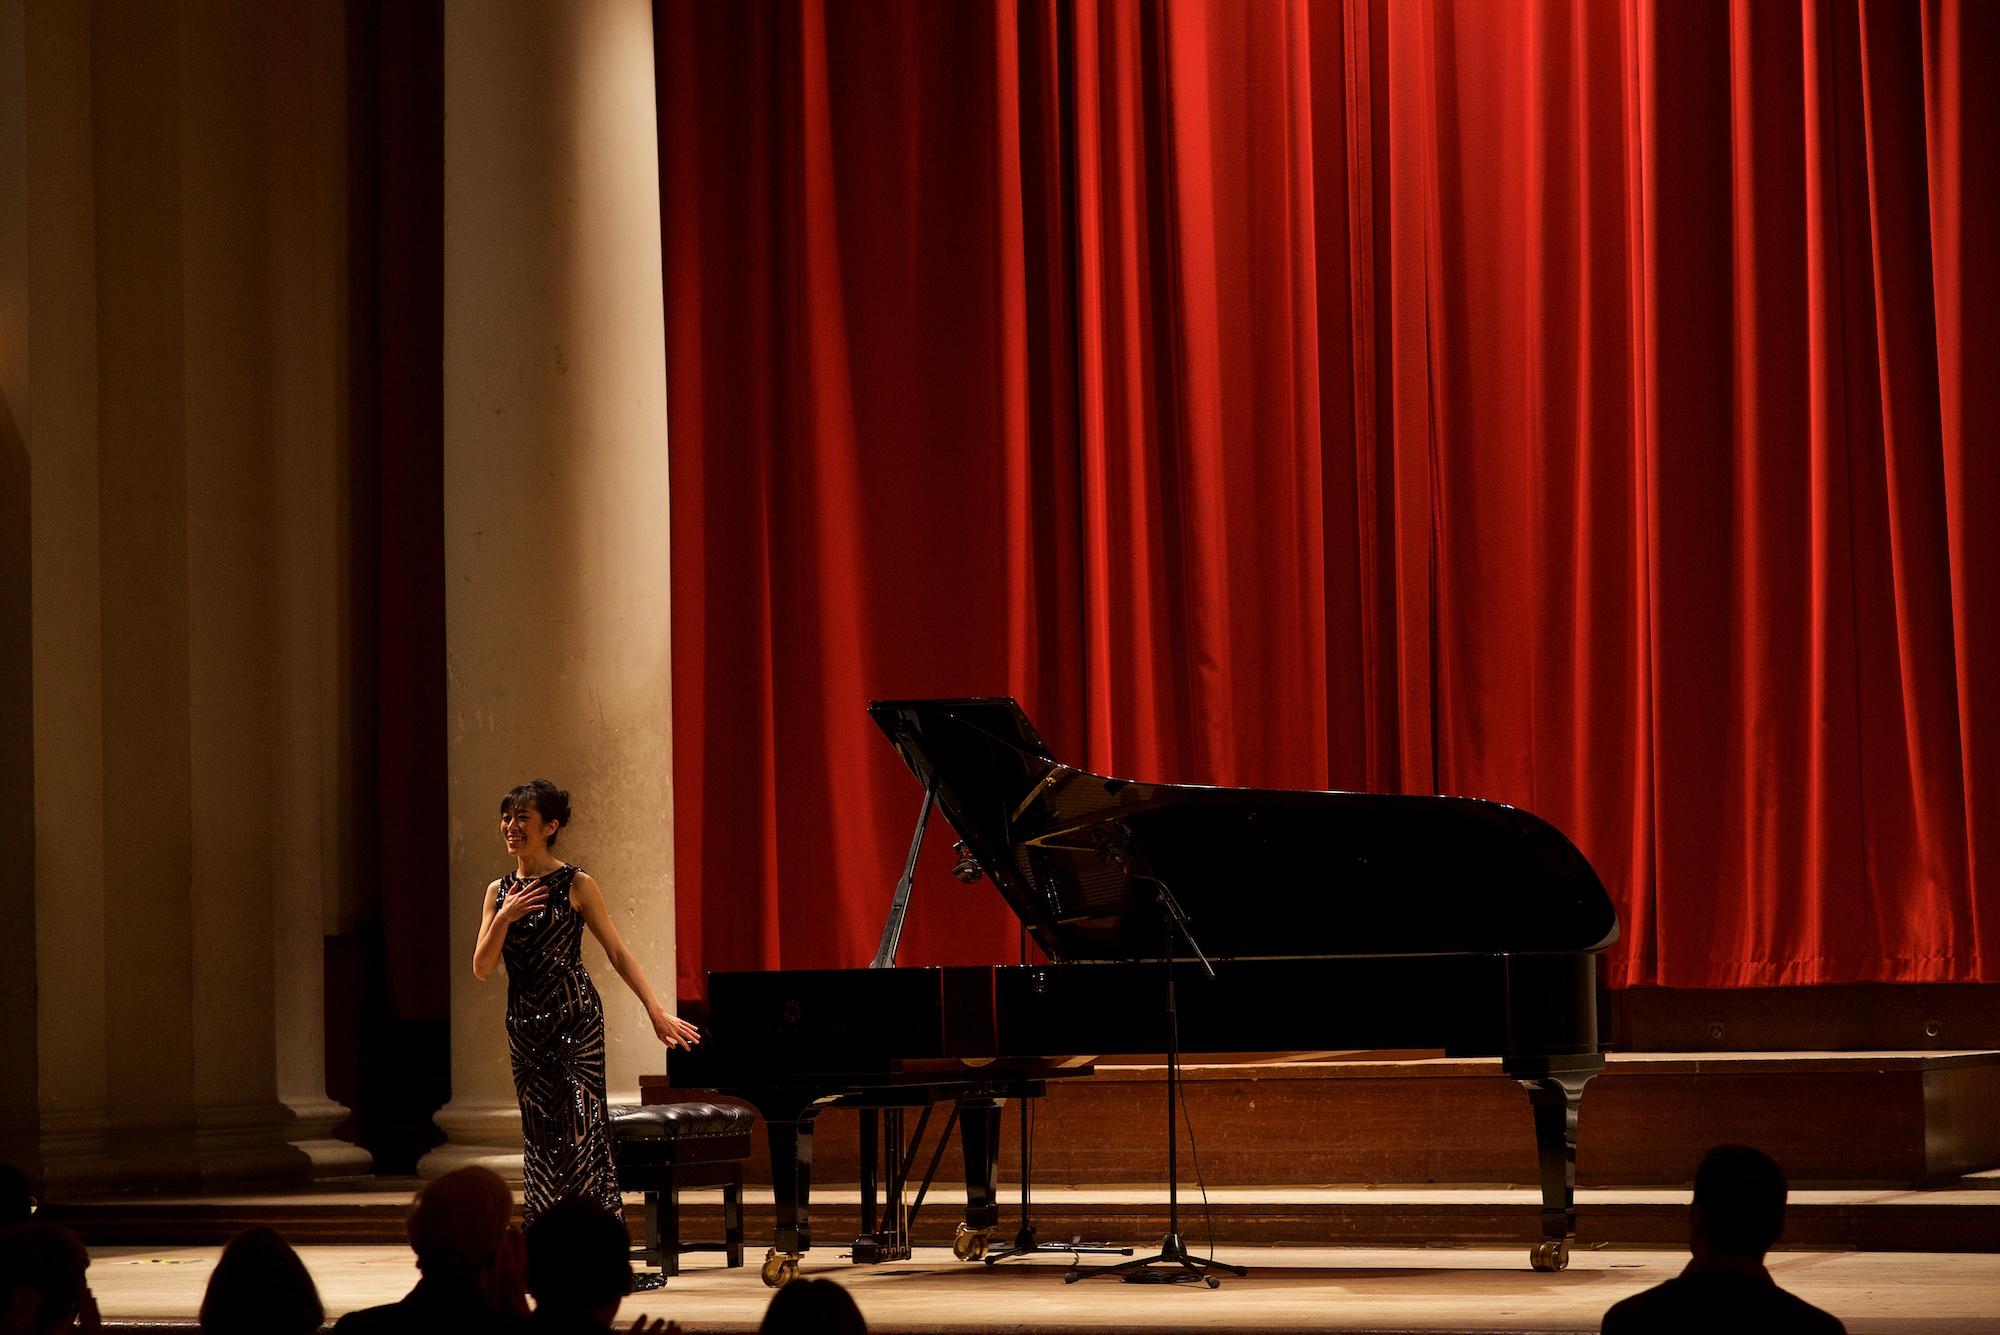 aisa-ijiri-carnegie-hall-steinway-piano-15